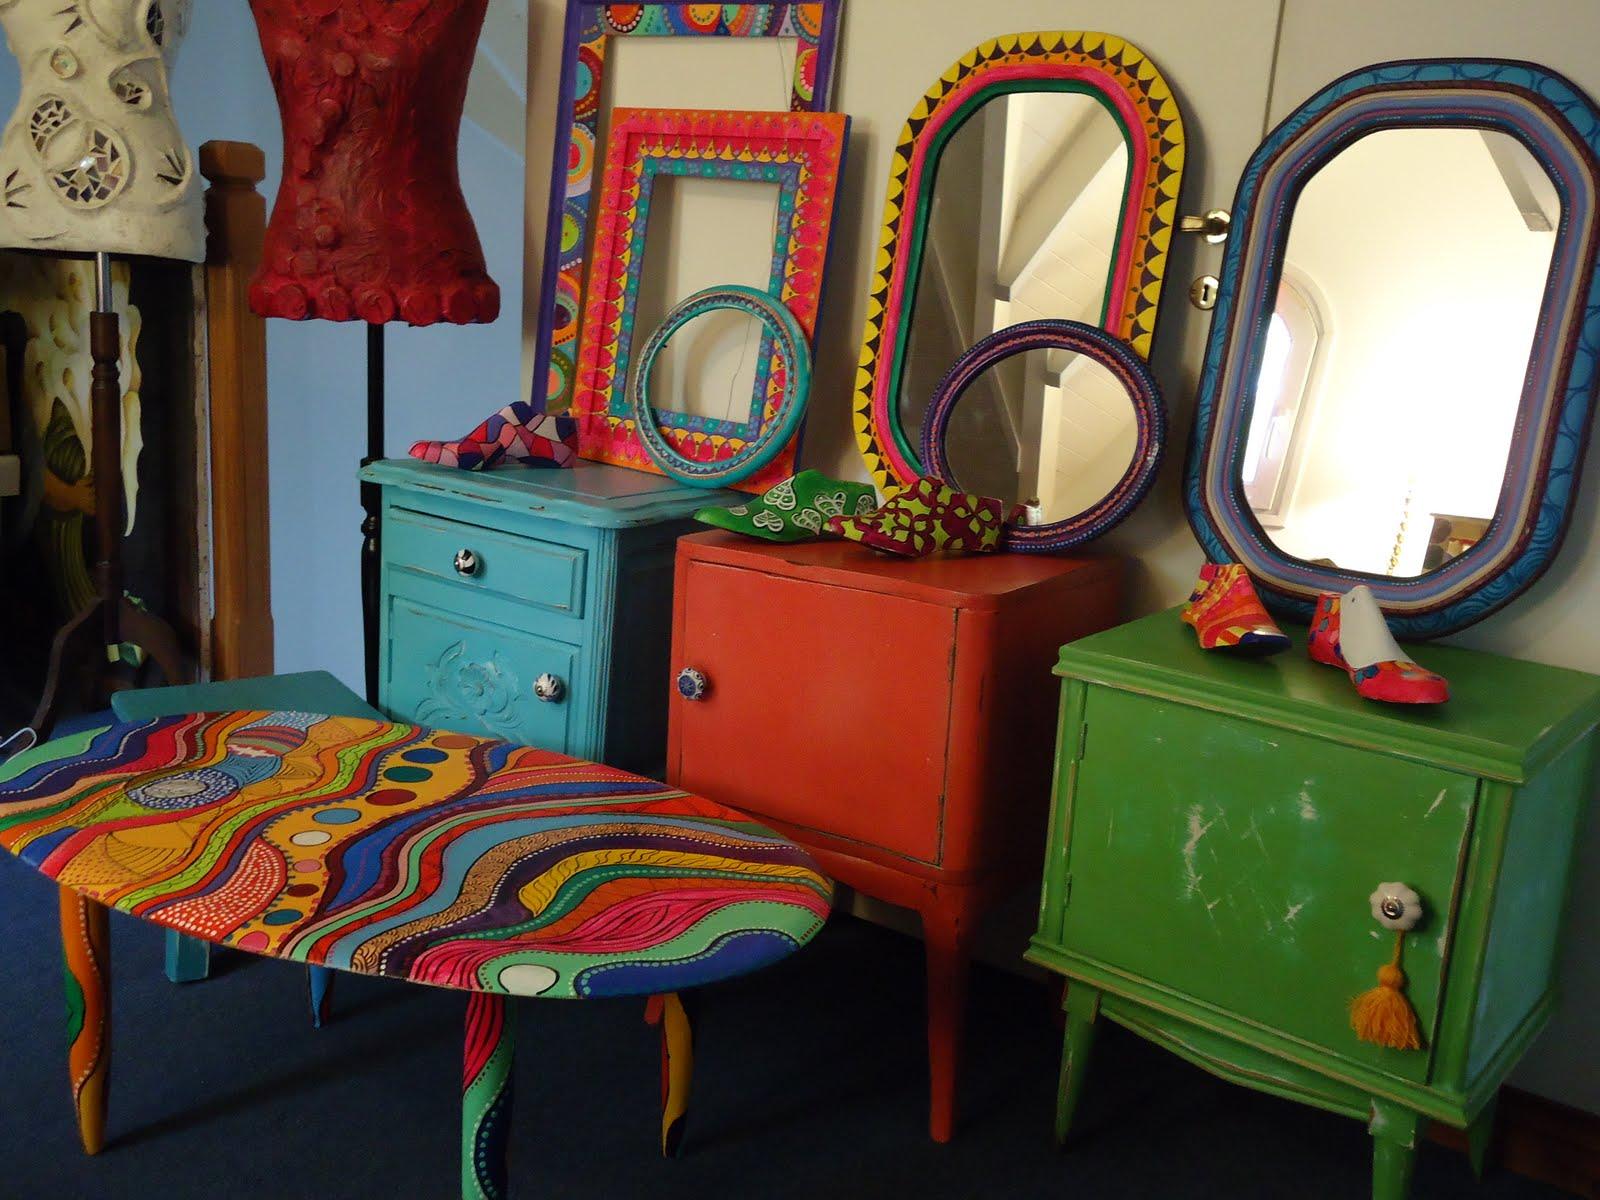 Vintouch muebles reciclados pintados a mano marcos - Muebles de mimbre pintados ...